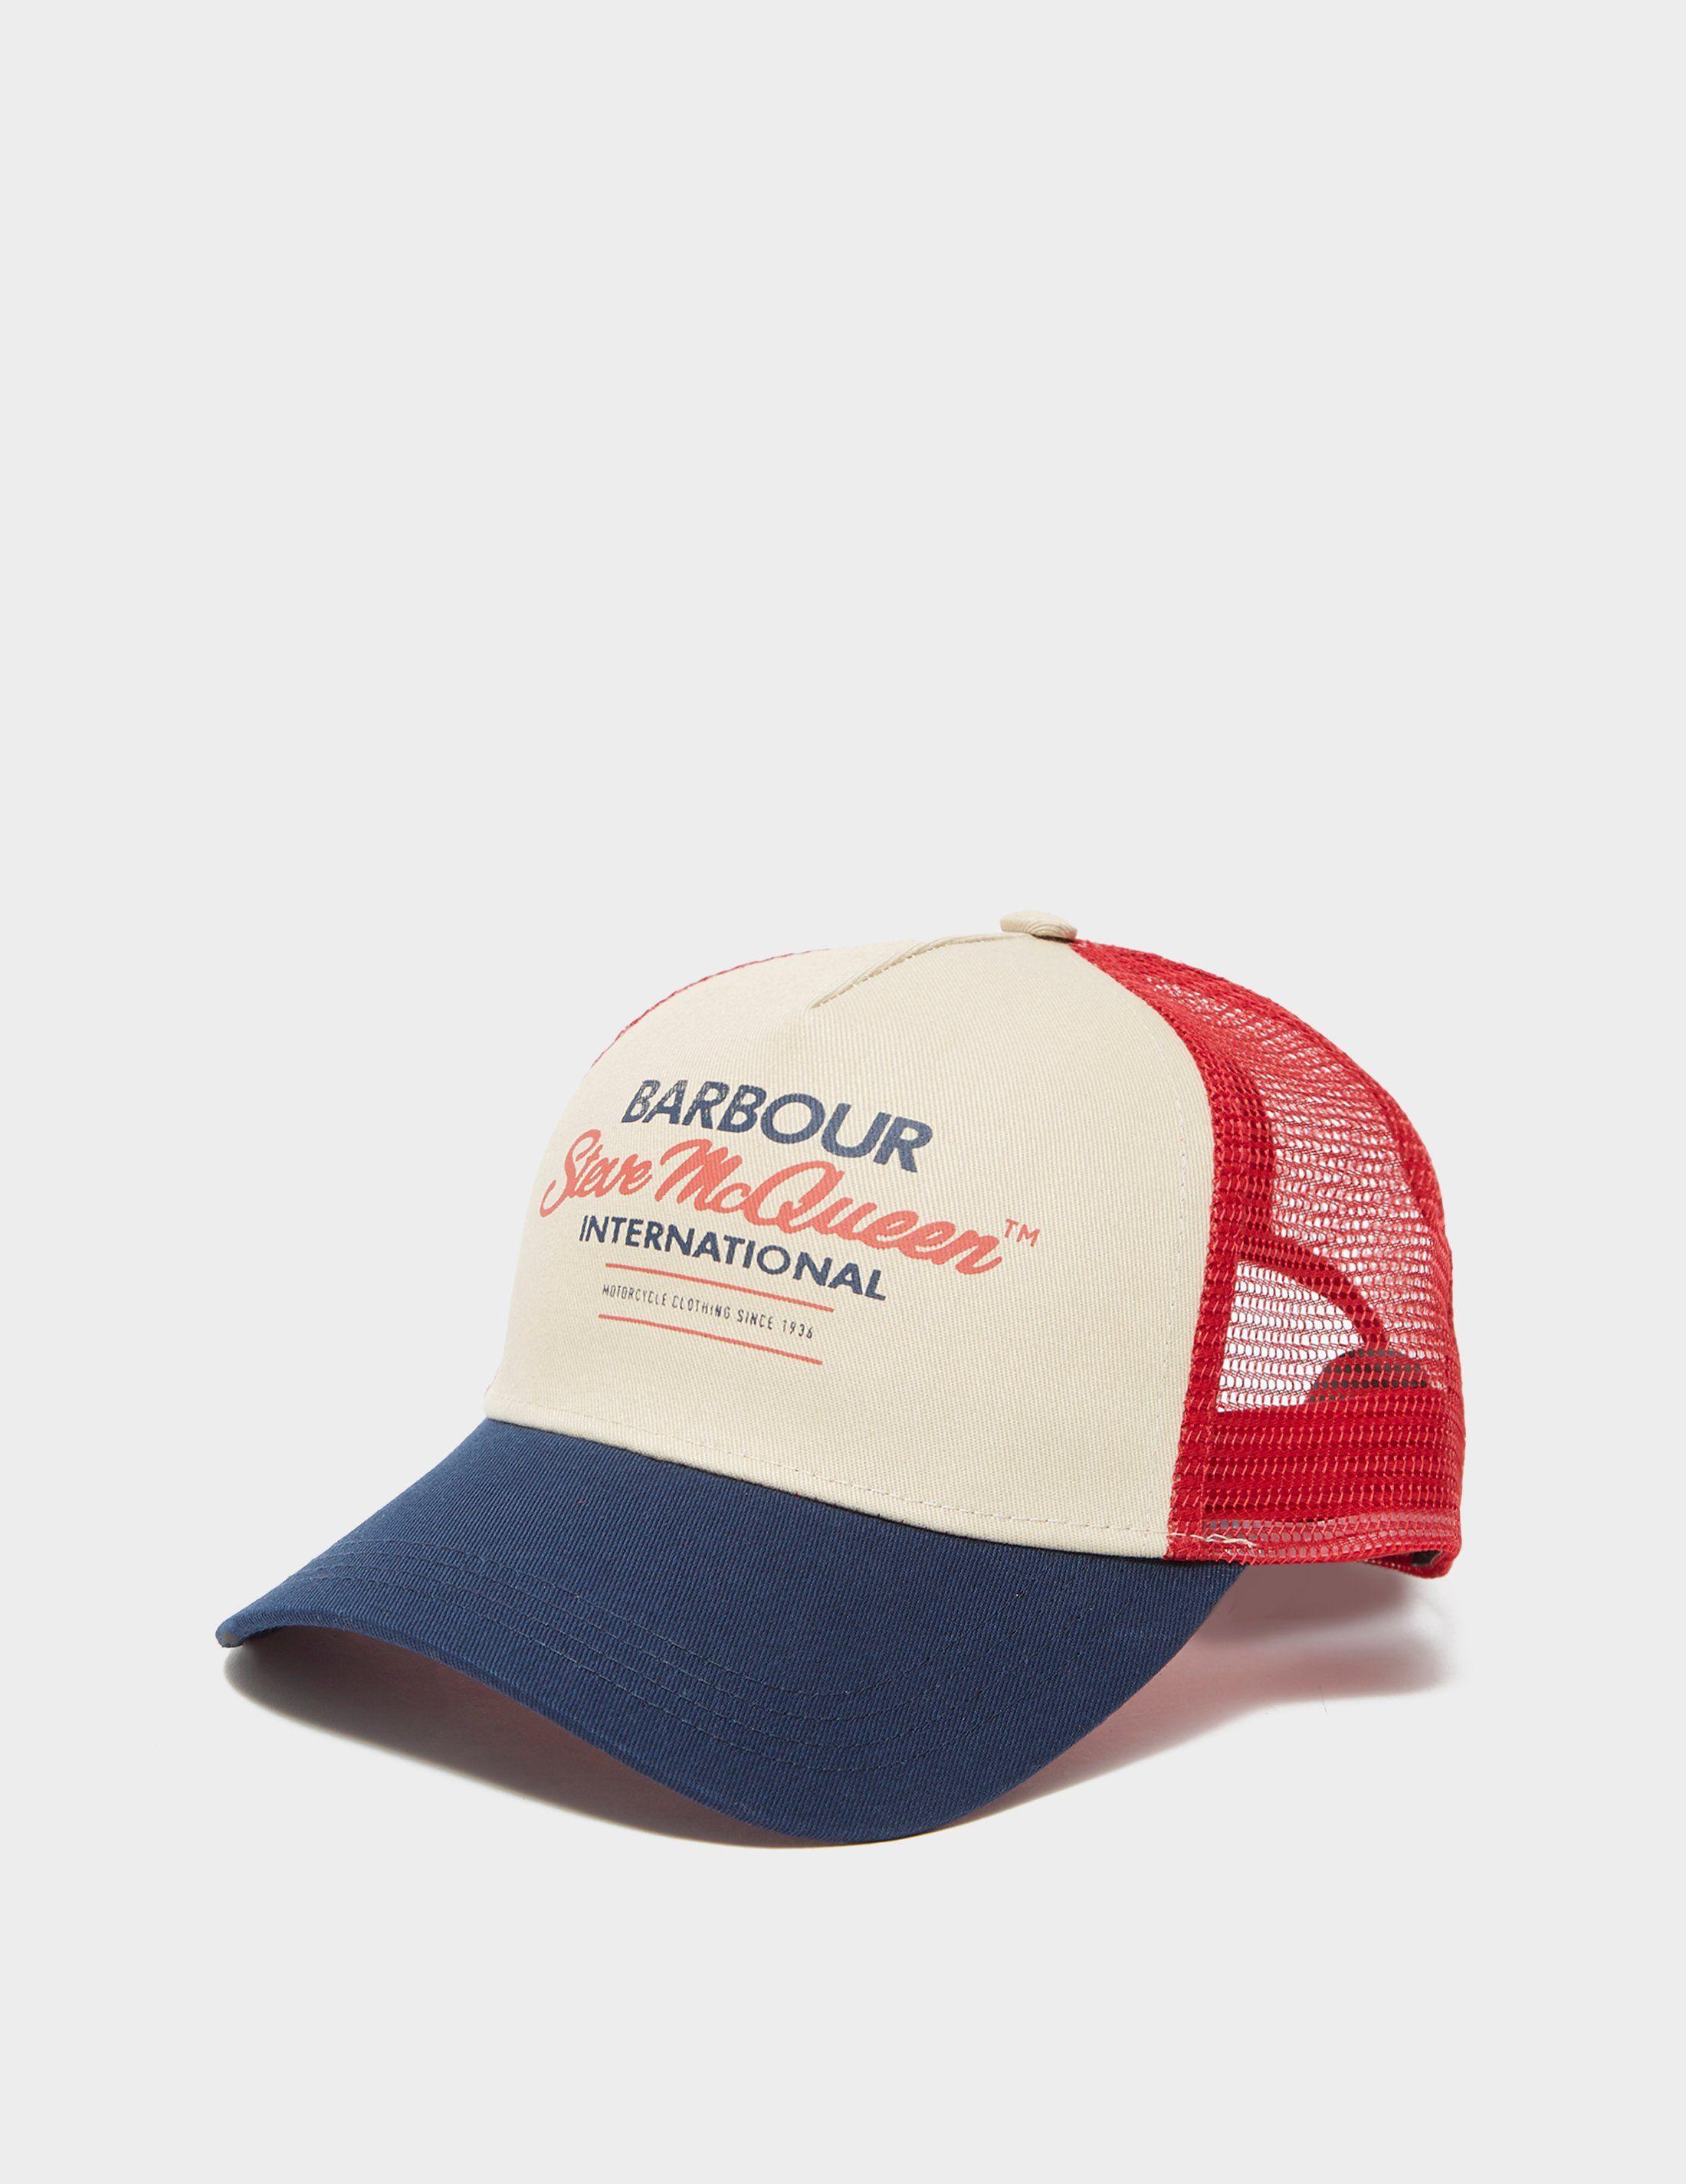 Barbour International Steve McQueen Trucker Cap